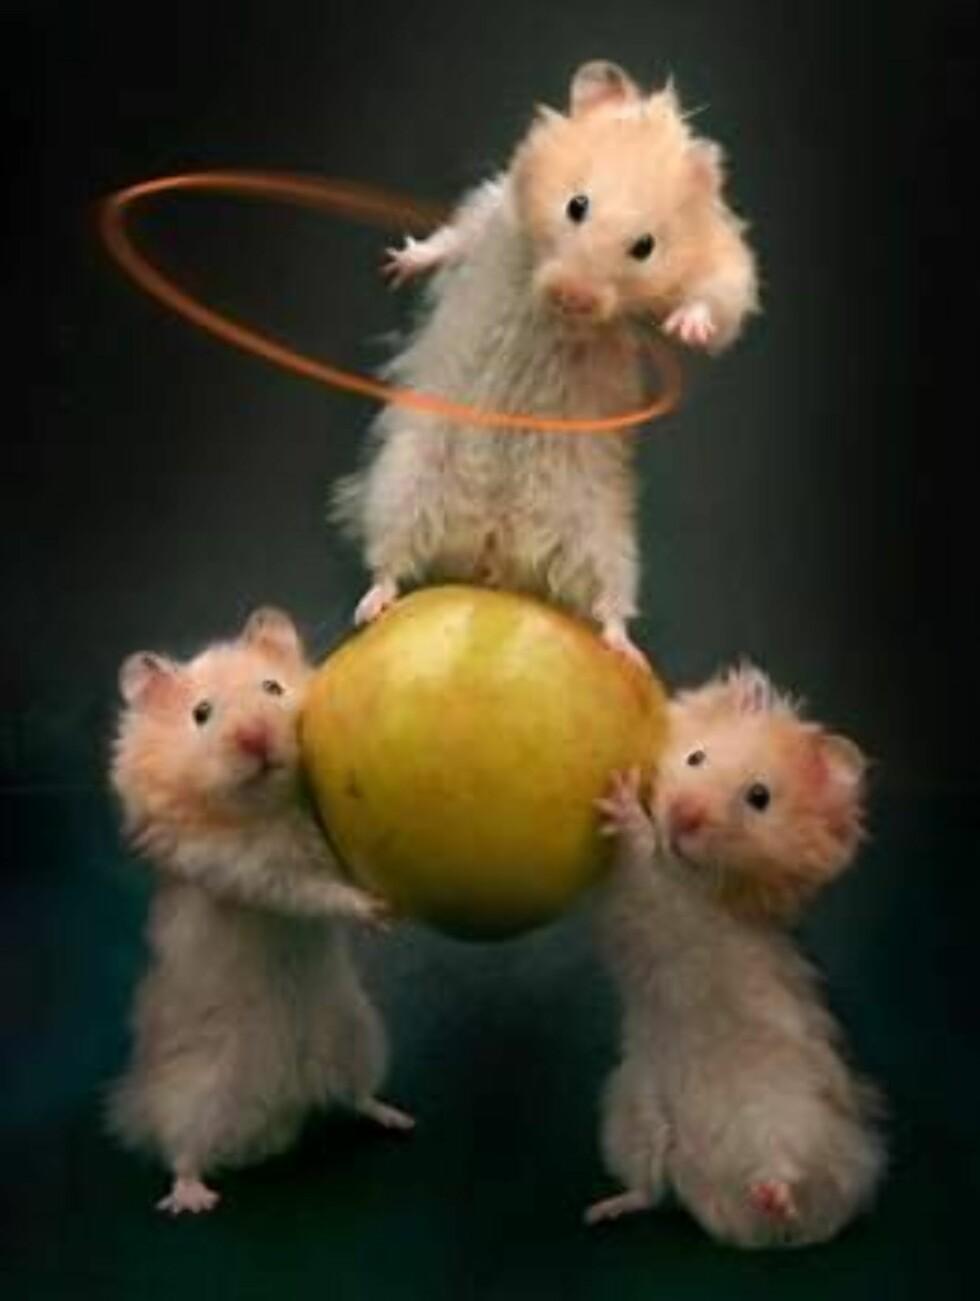 Når katten er borte rocker musene på bordet...